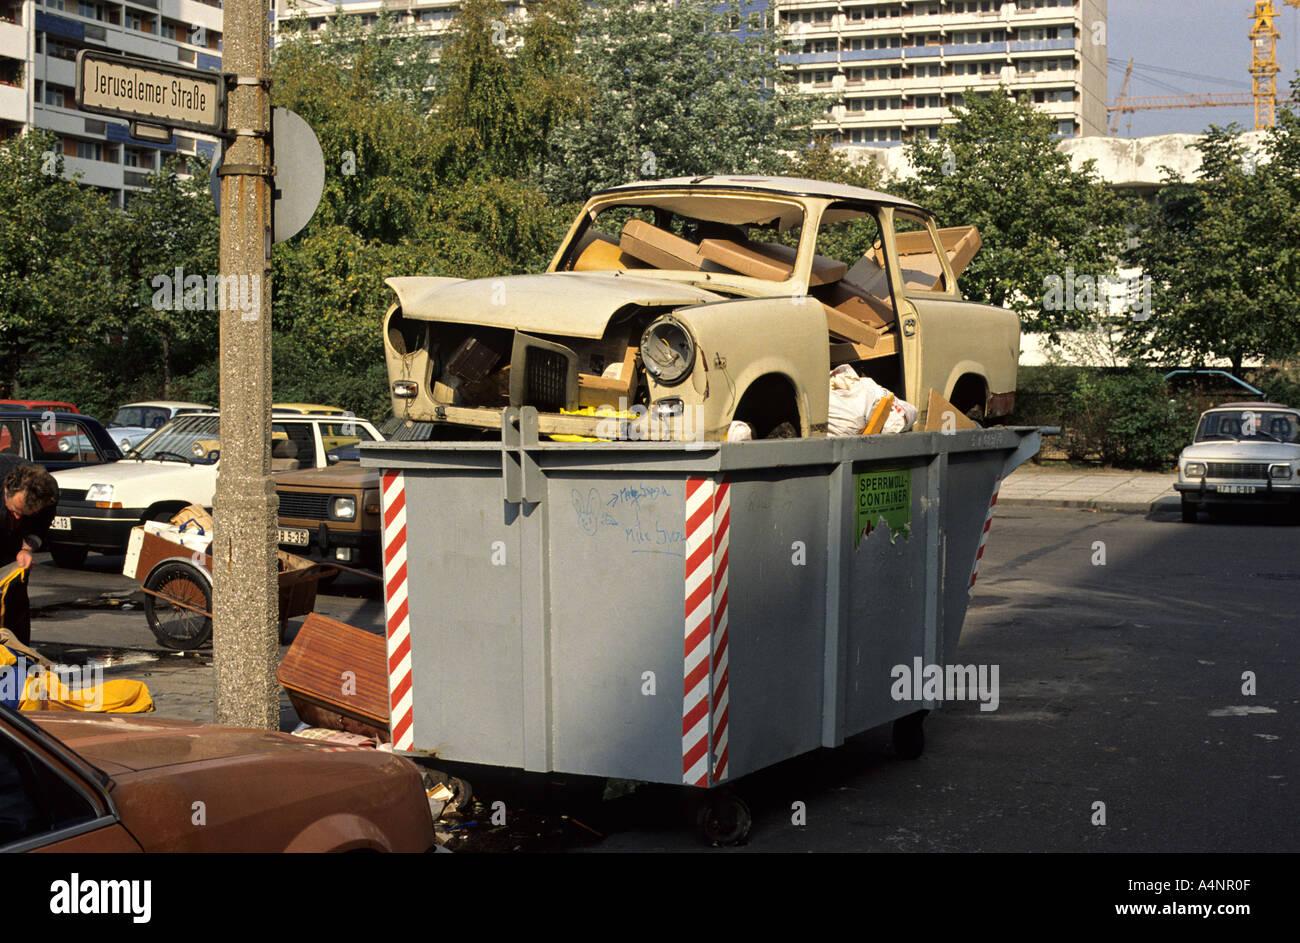 Sommer 1990. Das allererste Trabant Auto, das nach dem Fall der Berliner Mauer im Jahr 1989 in Ost-Berlin weggeworfen habe. Stockbild